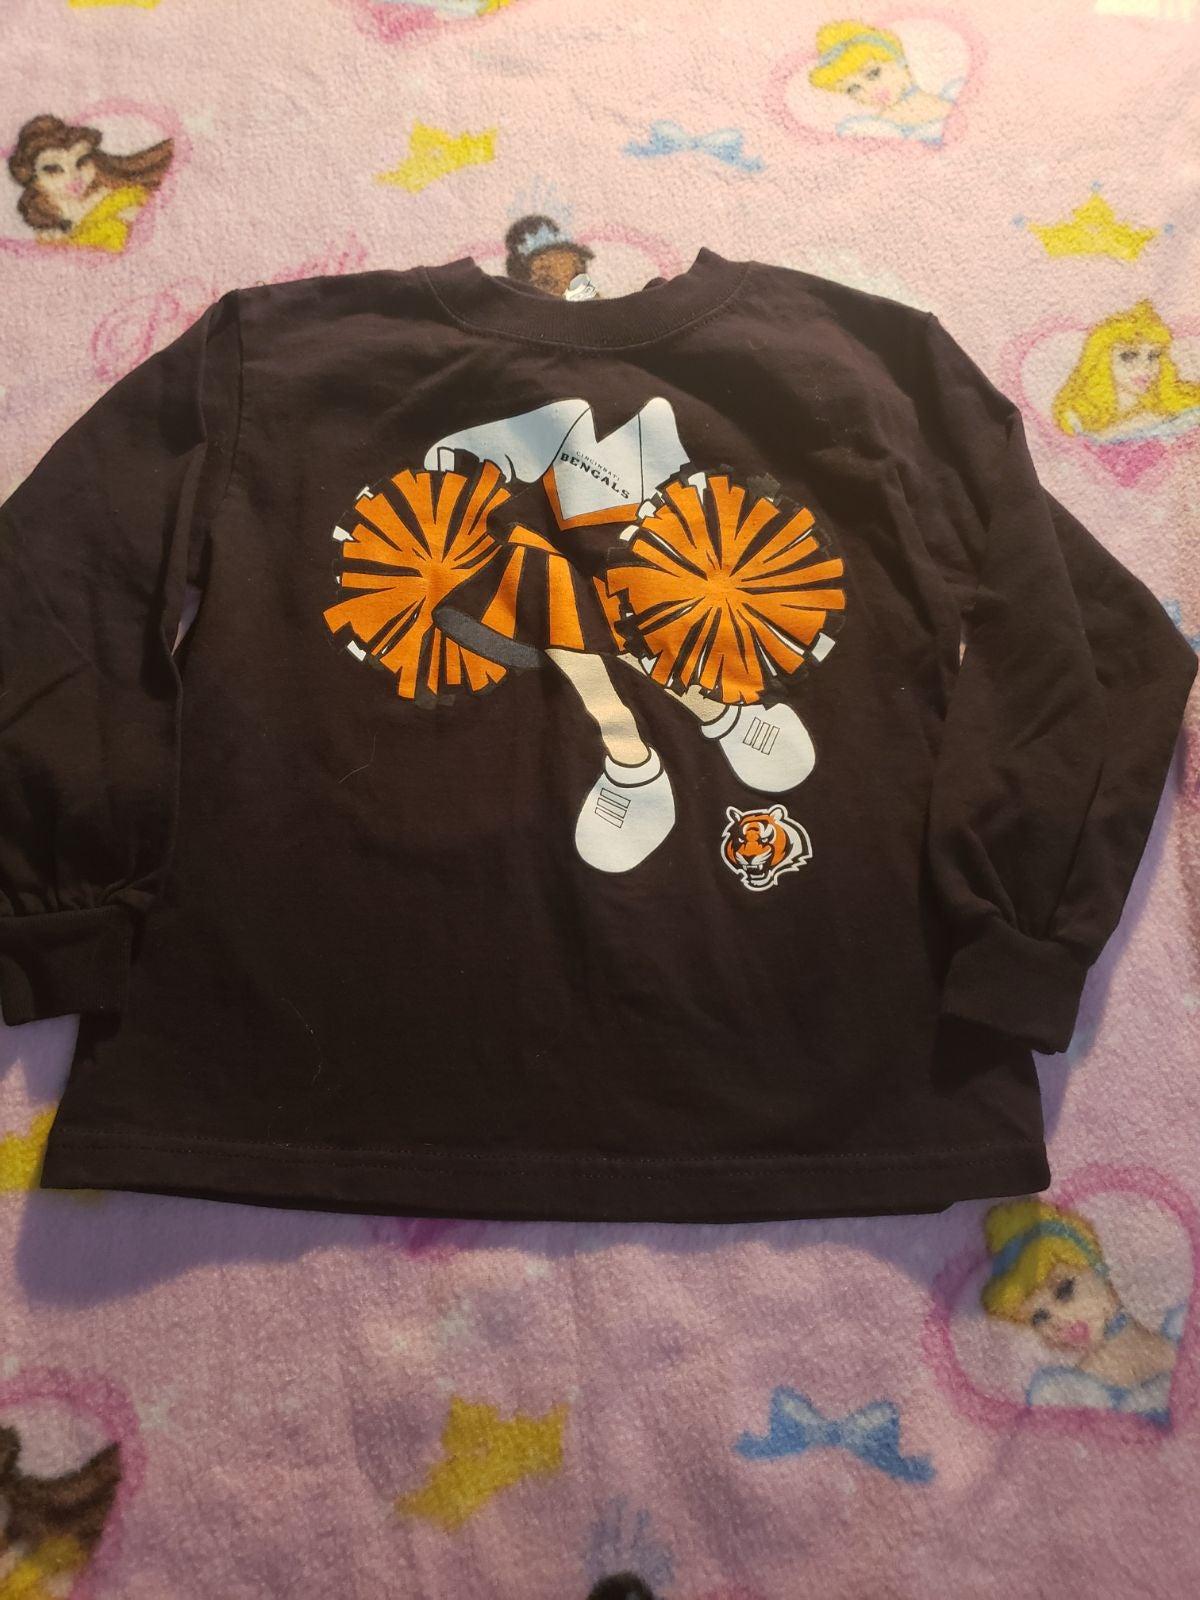 Toddler bengals shirt 4t